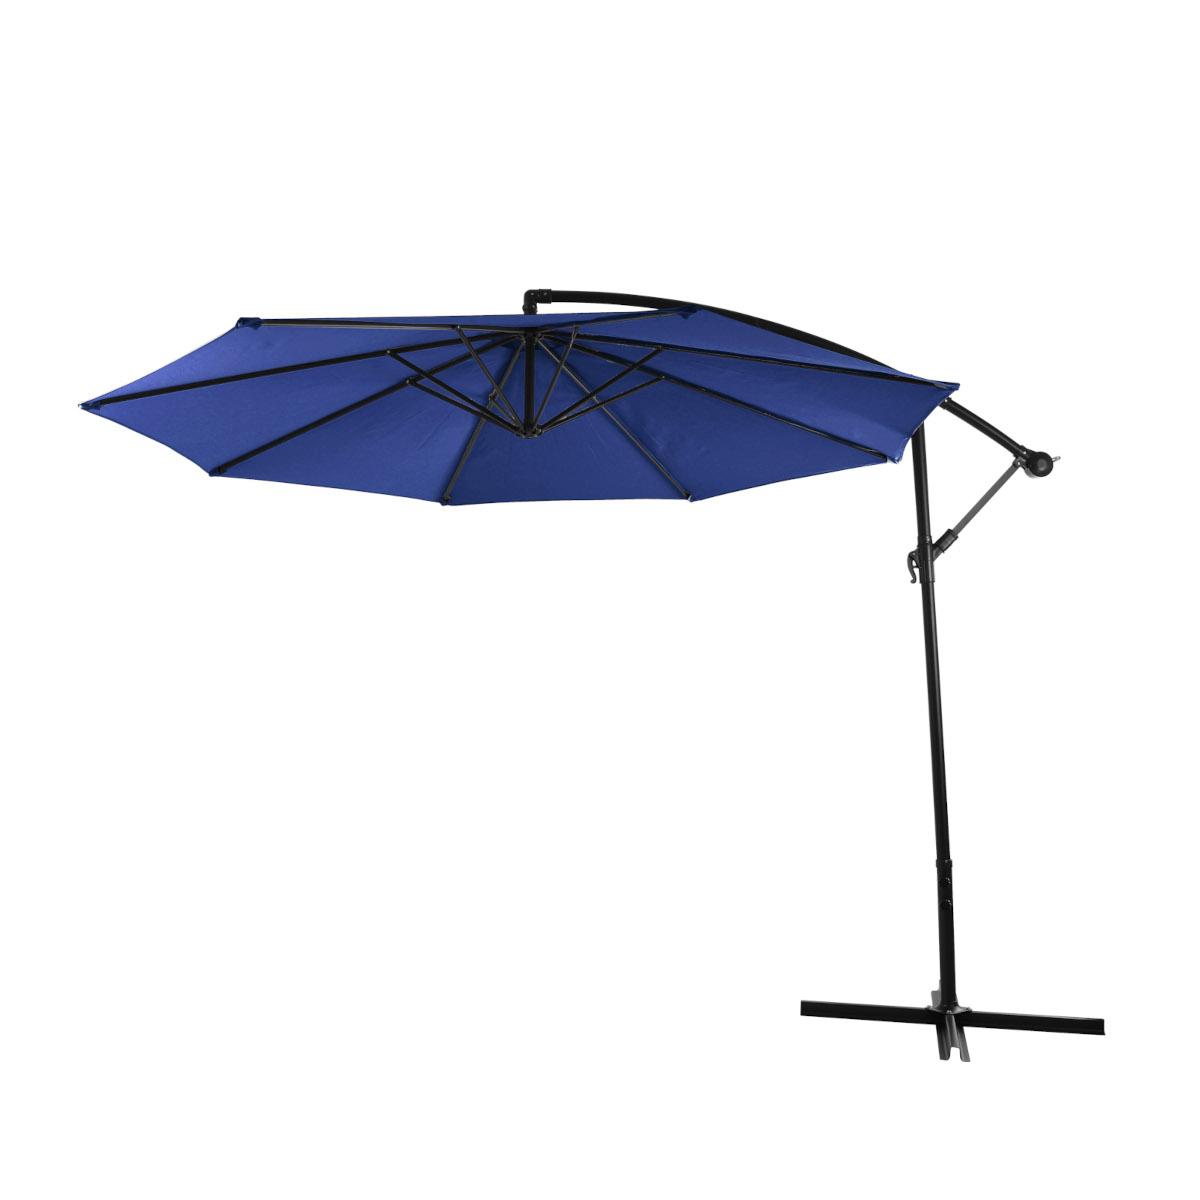 98522 SVITA Sonnenschirm 3m Ampelschirm mit Sonnenschutz UV50+ Matt Blau